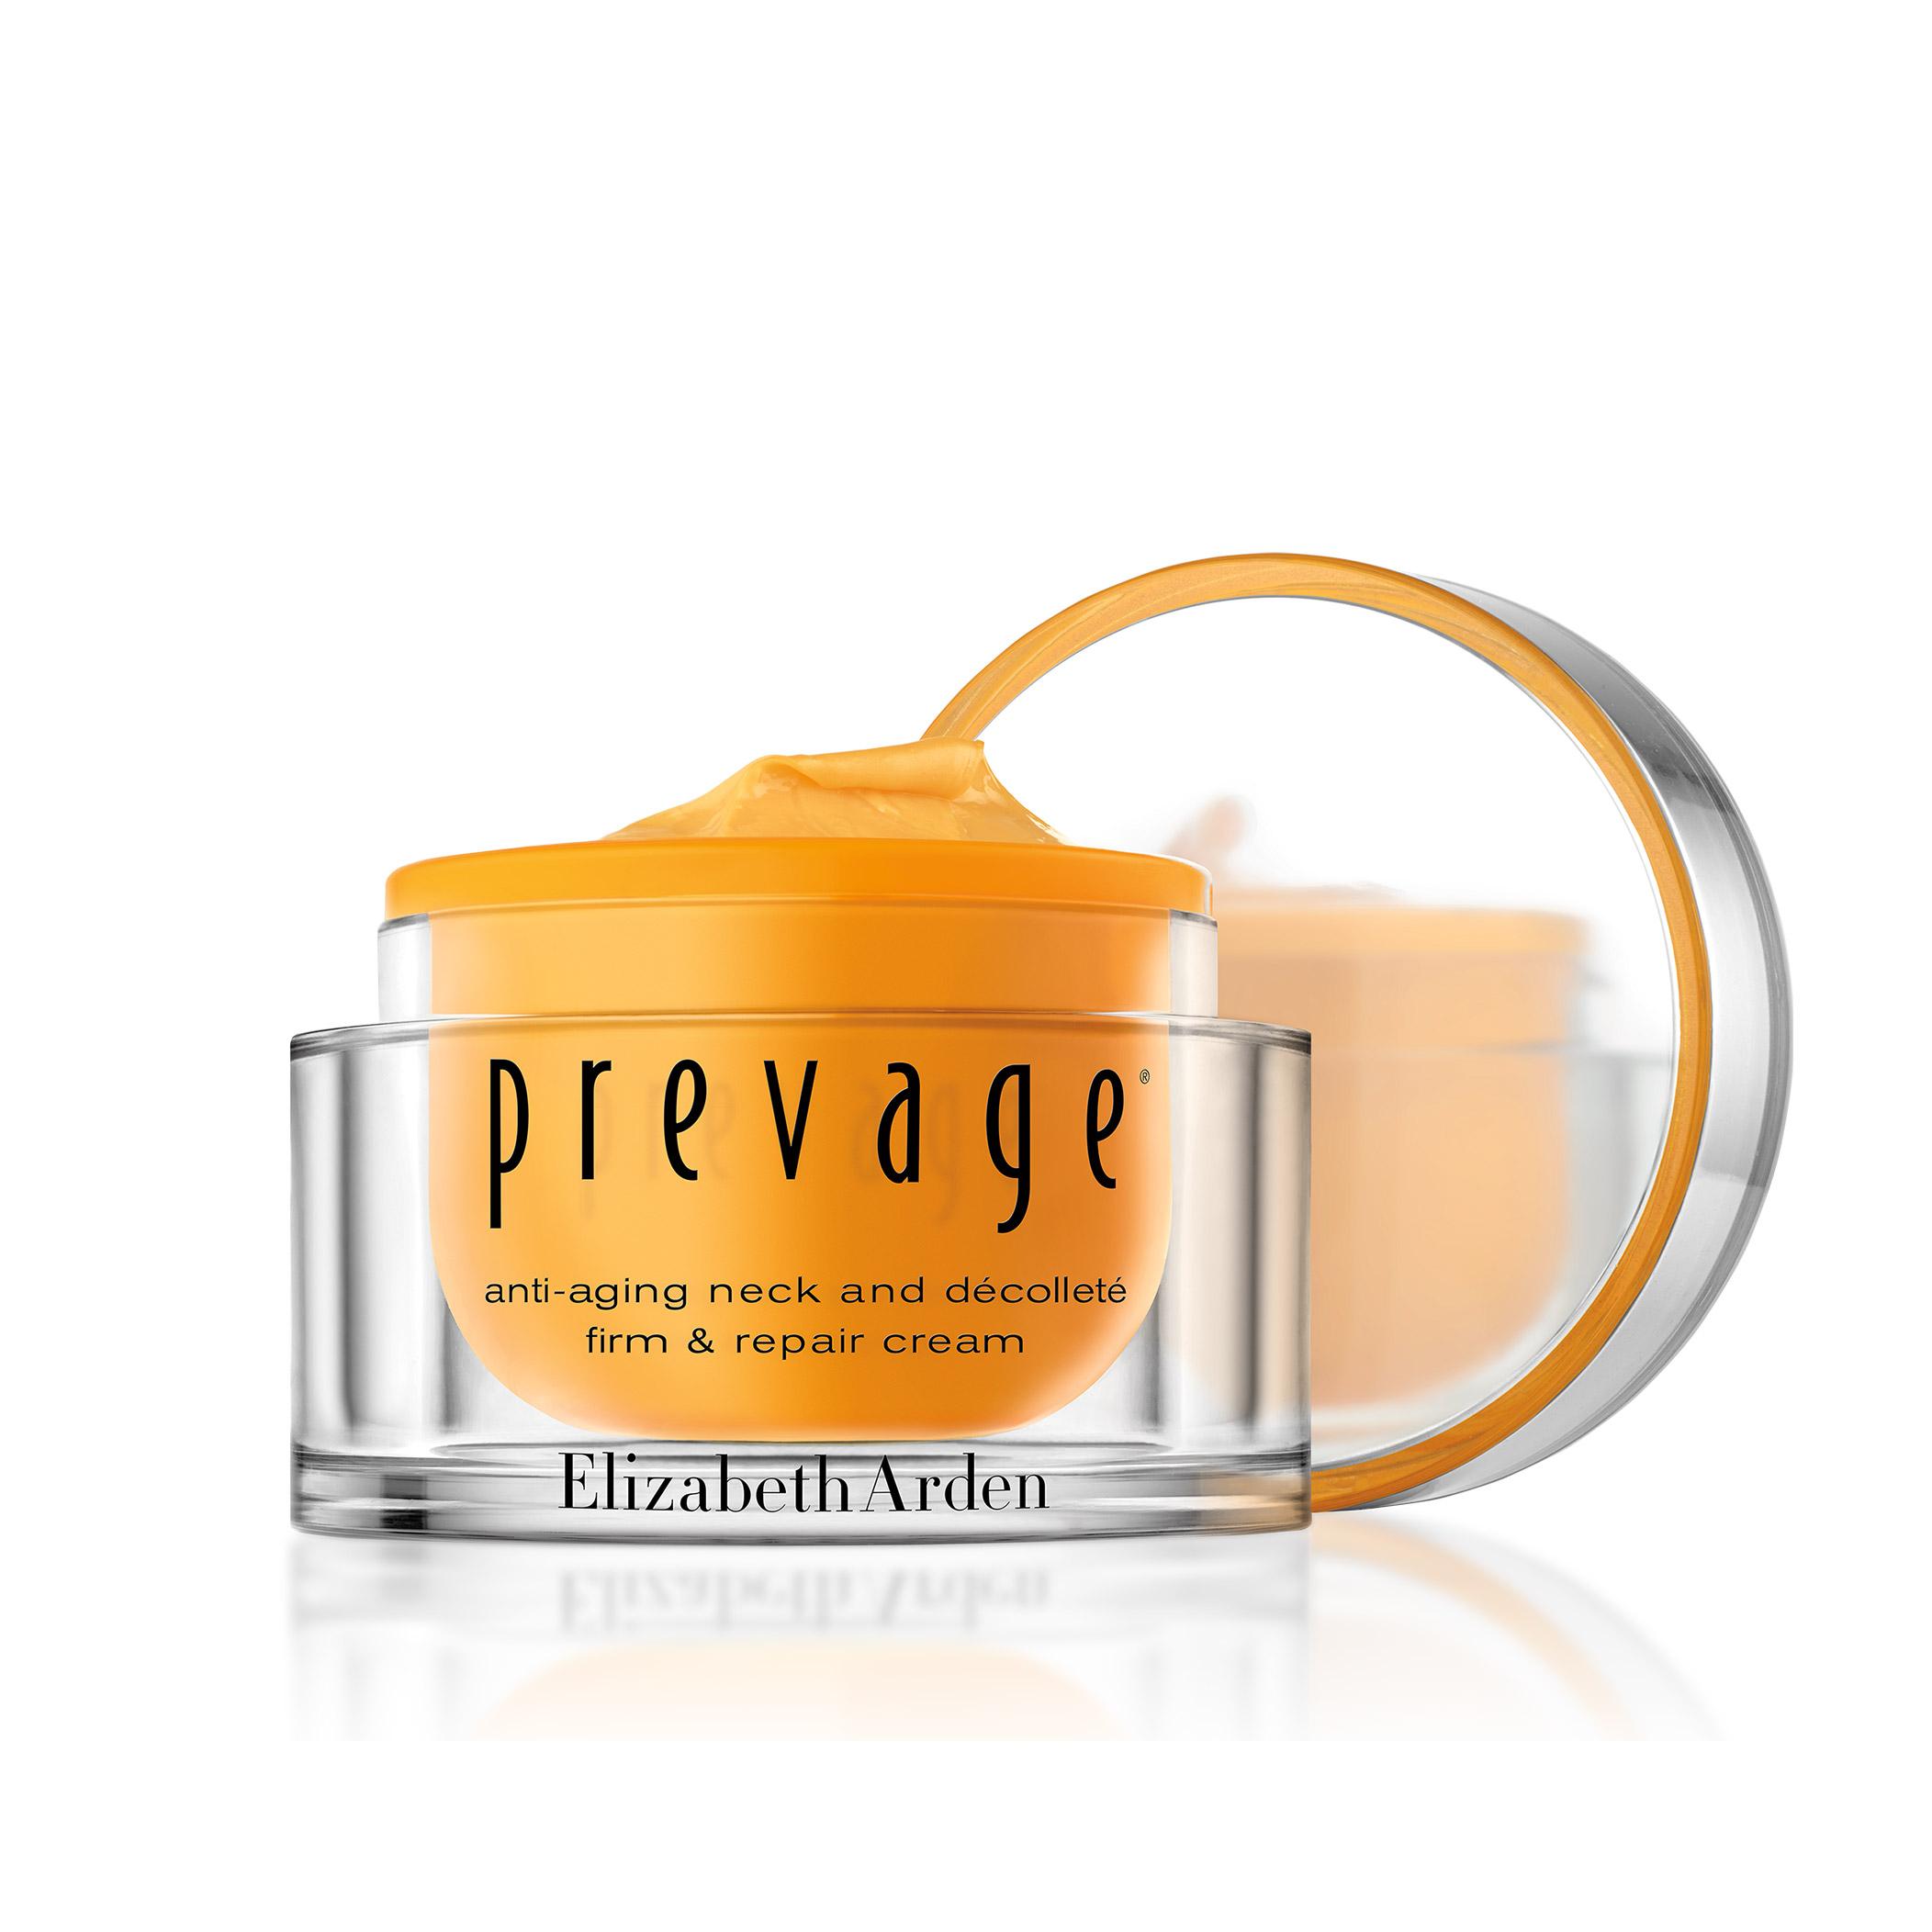 PREVAGE® Crema anti edad reparadora y reafirmante para cuello y escote, , large